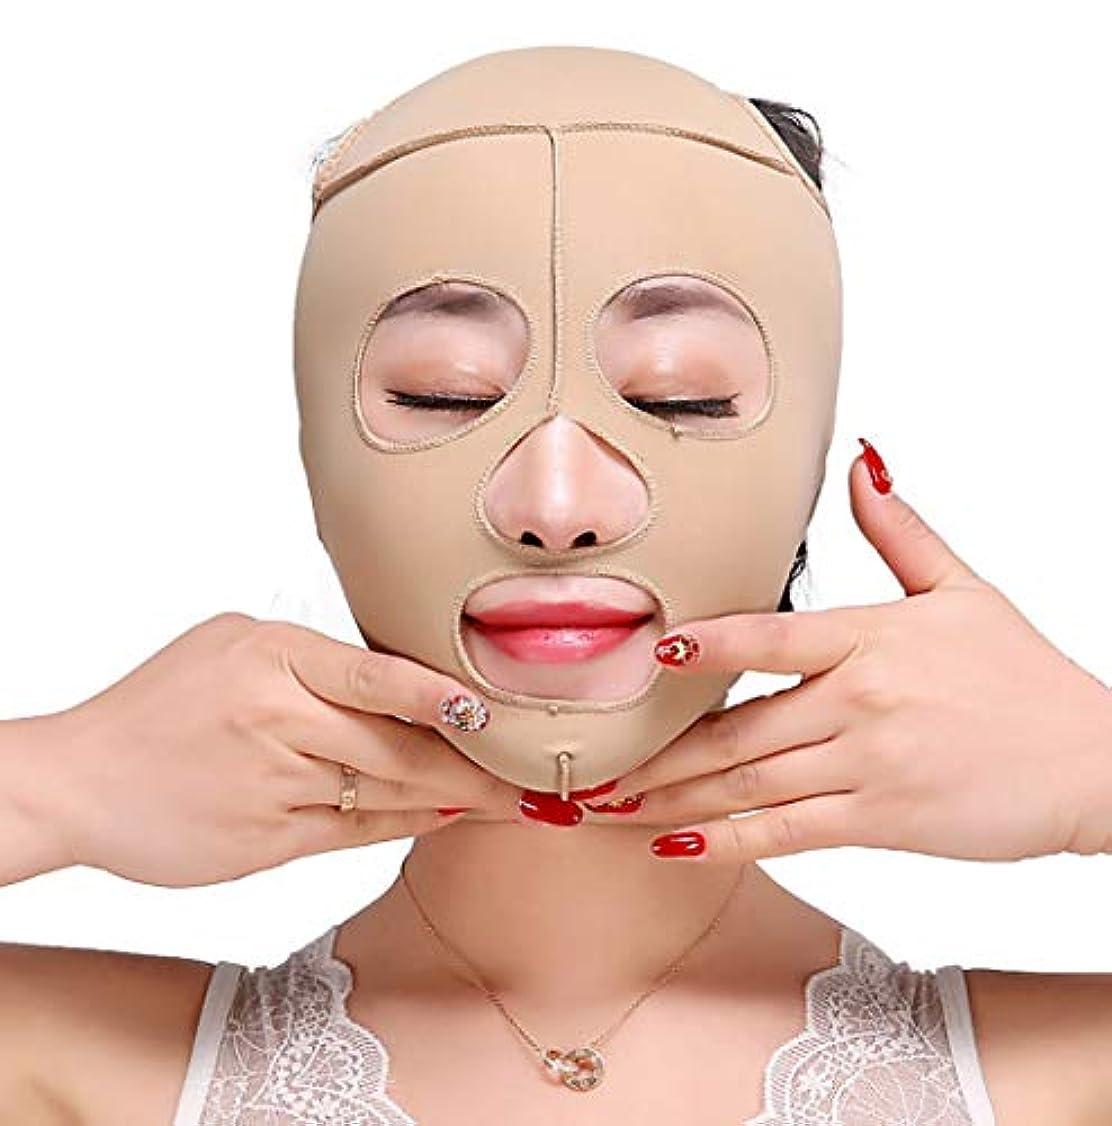 他の日失オピエートGLJJQMY 痩身ベルト痩身ベルト薄い顔の包帯小V顔の顔の薄い顔のマスク包帯の強化引き締めV顔美容マスク小さな顔の包帯の頭飾り修正顔の形 顔用整形マスク (Size : M)